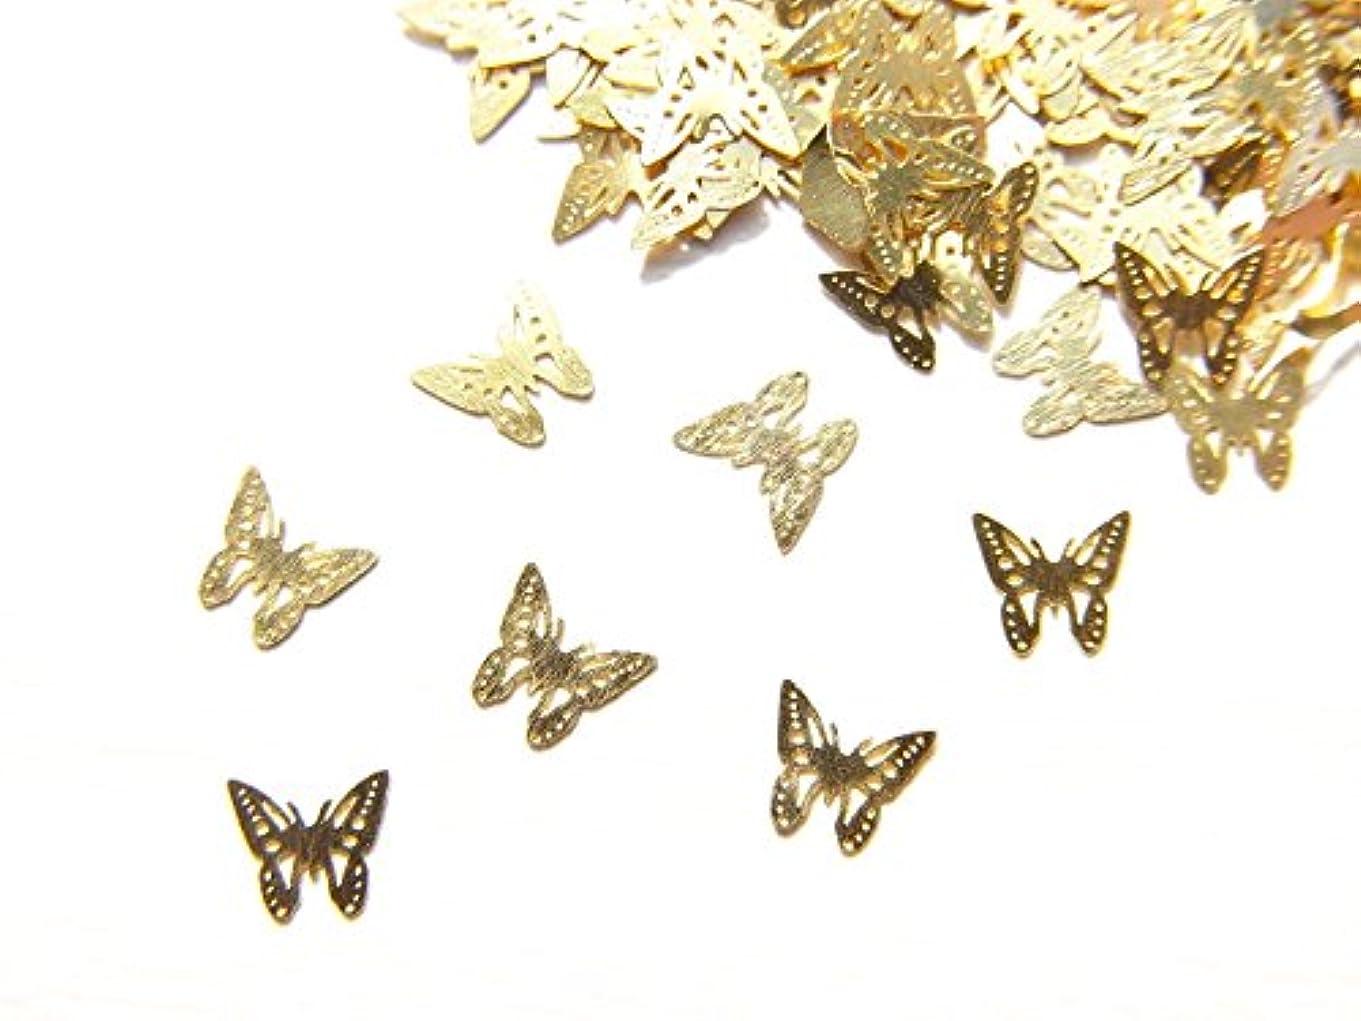 内訳ハンマー開いた【jewel】ug24 薄型ゴールド メタルパーツ Sサイズ バタフライ 蝶 A 10個入り ネイルアートパーツ レジンパーツ